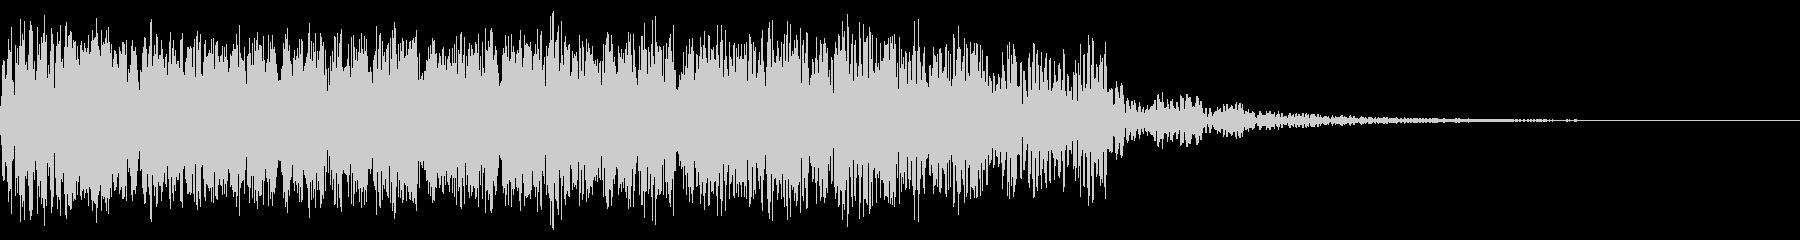 ZAPのグレーティングの未再生の波形